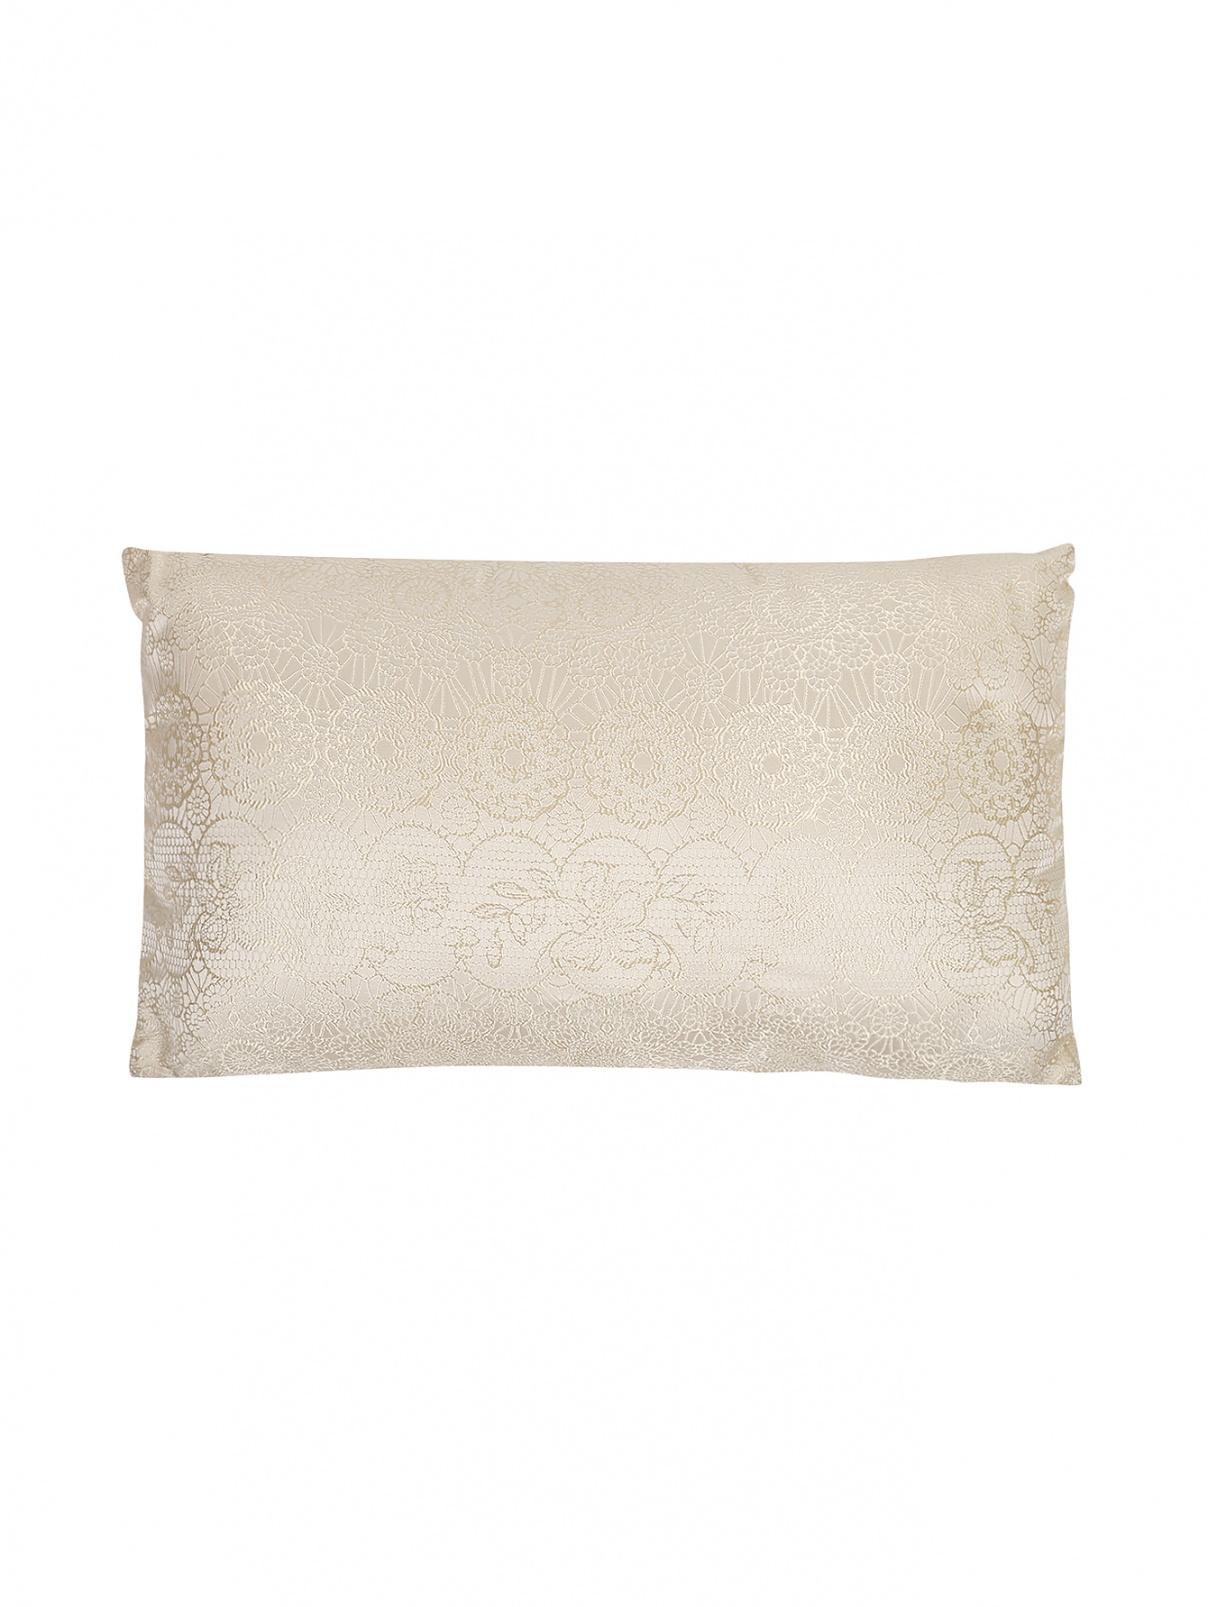 Подушка из текстурной ткани с растительным орнаментом 30 x 50 La Perla  –  Общий вид